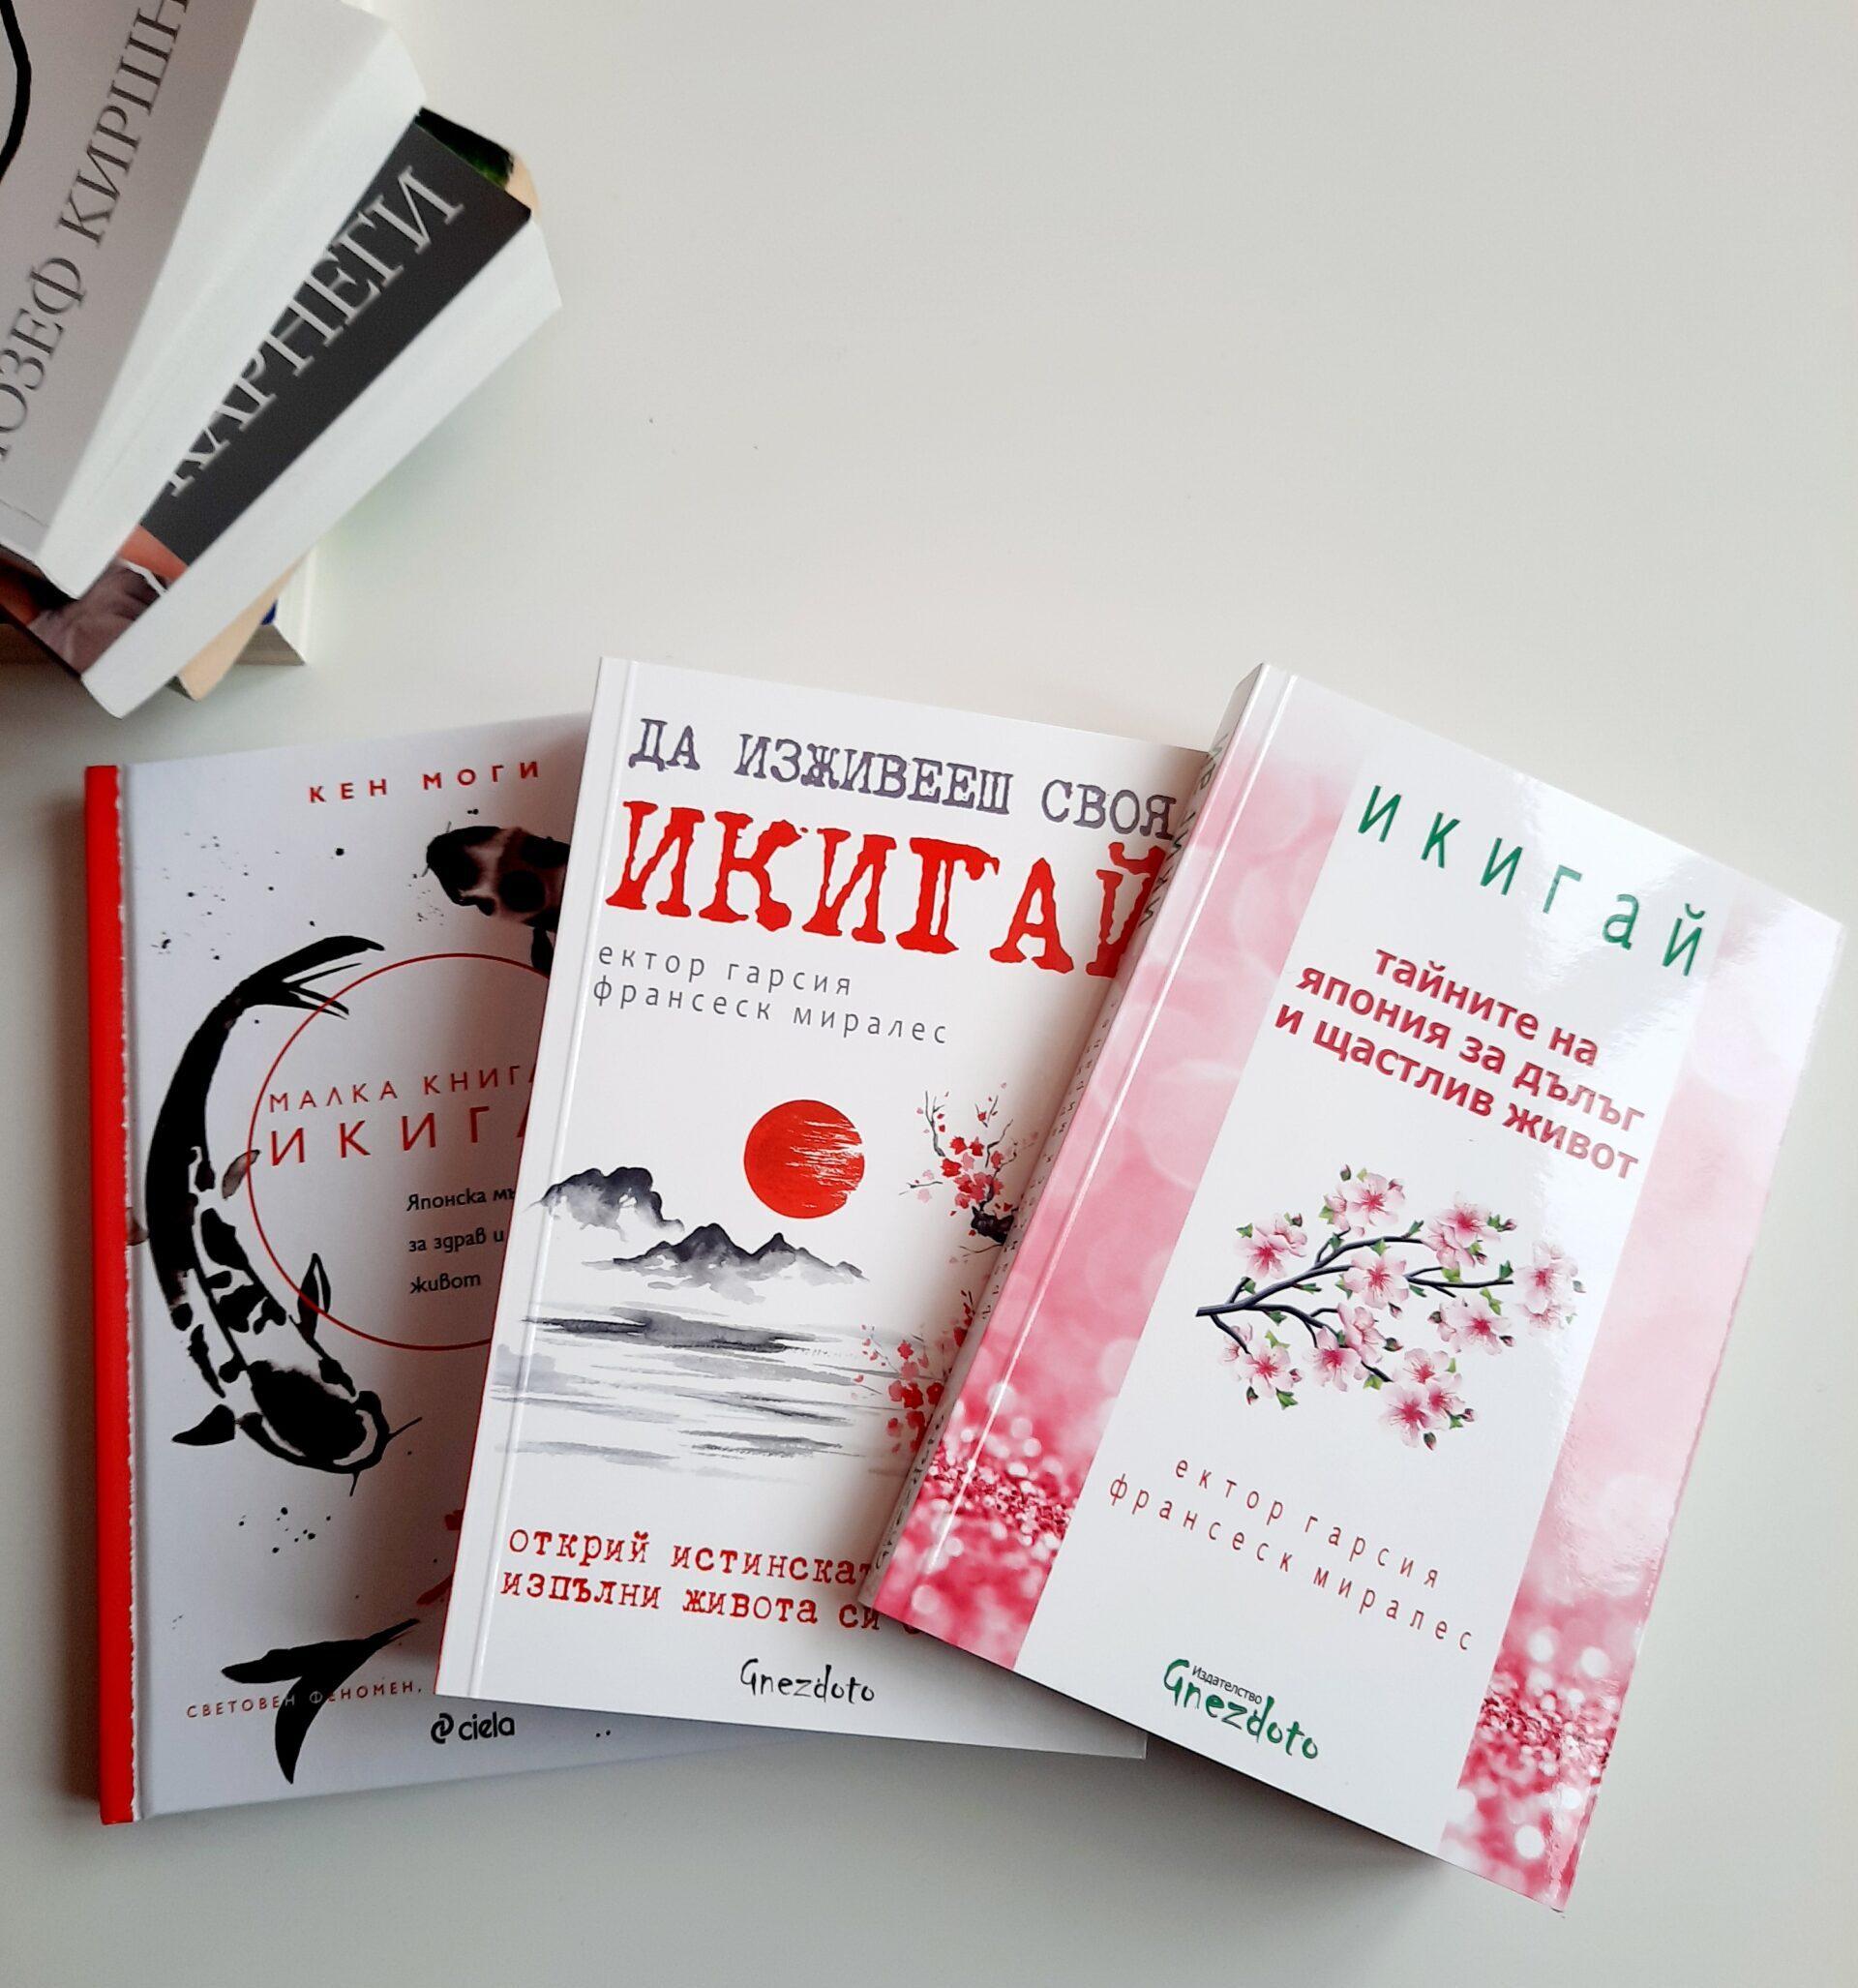 Икигай - японското изкуство за дълъг и щастлив живот